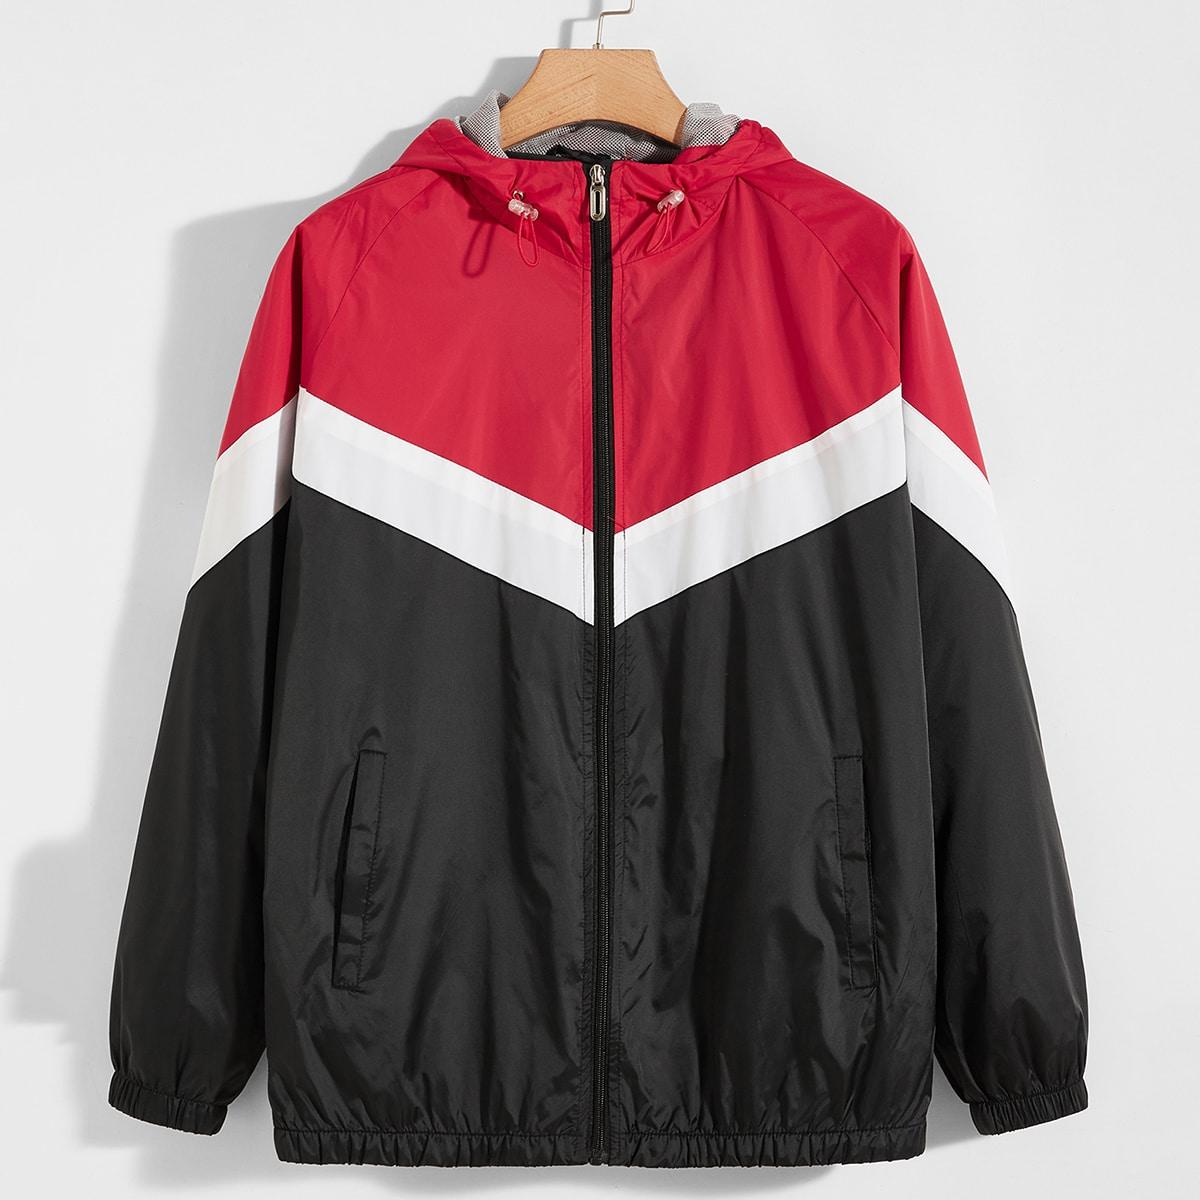 Многоцветный Спортивный Мужские Спортивные Куртки